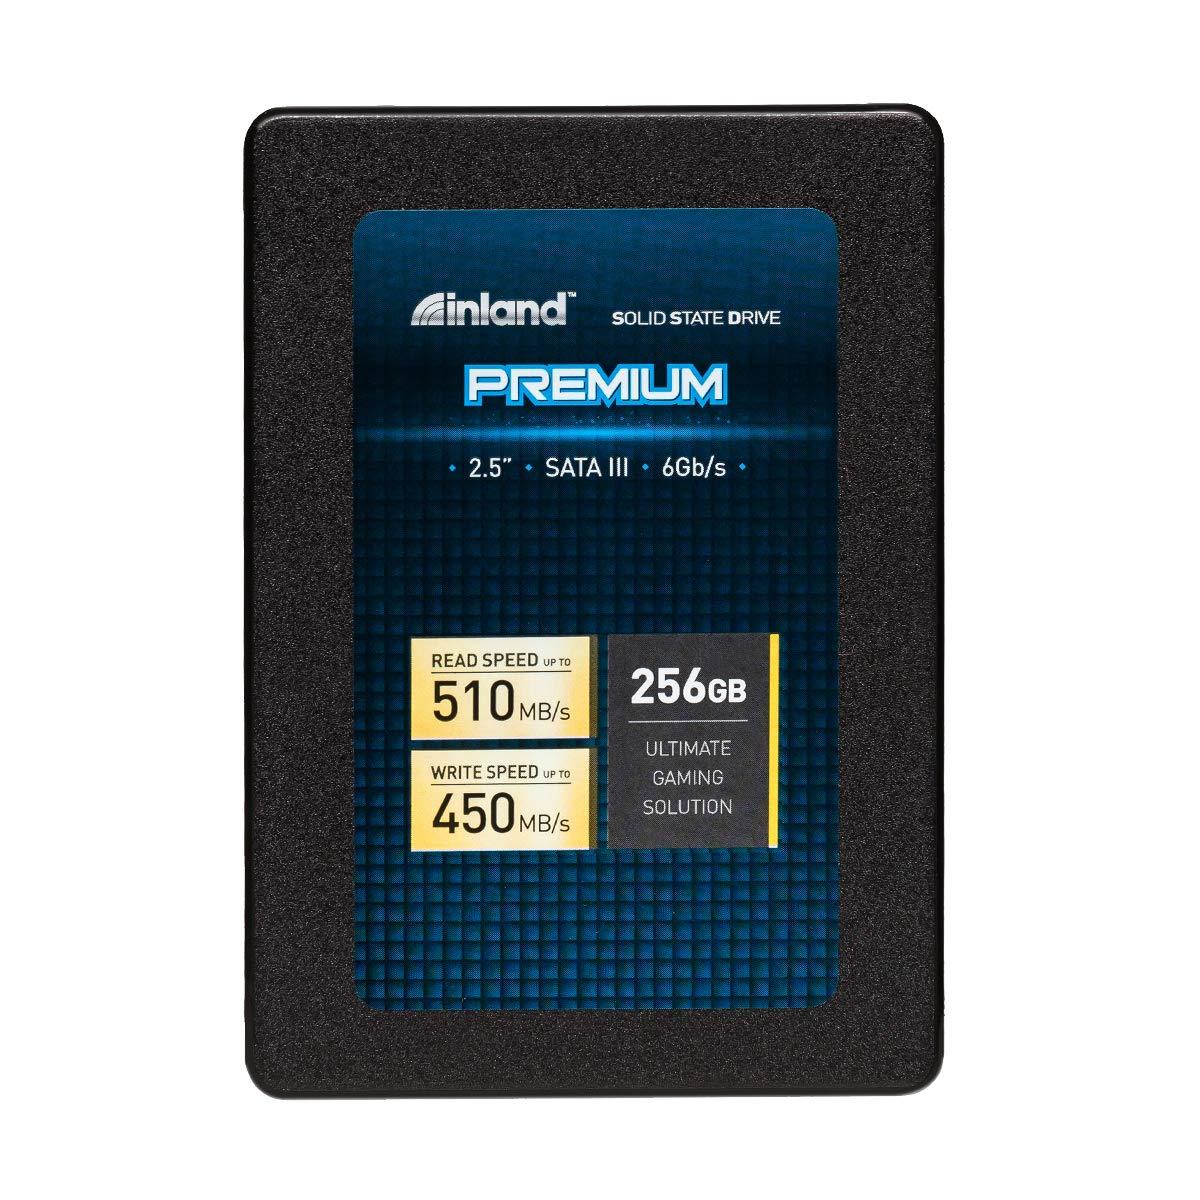 """Inland Premium 256GB SSD 3D QLC NAND SATA 3.0 6GB/s 2.5"""" 7mm Internal Solid State Drive (256GB)"""